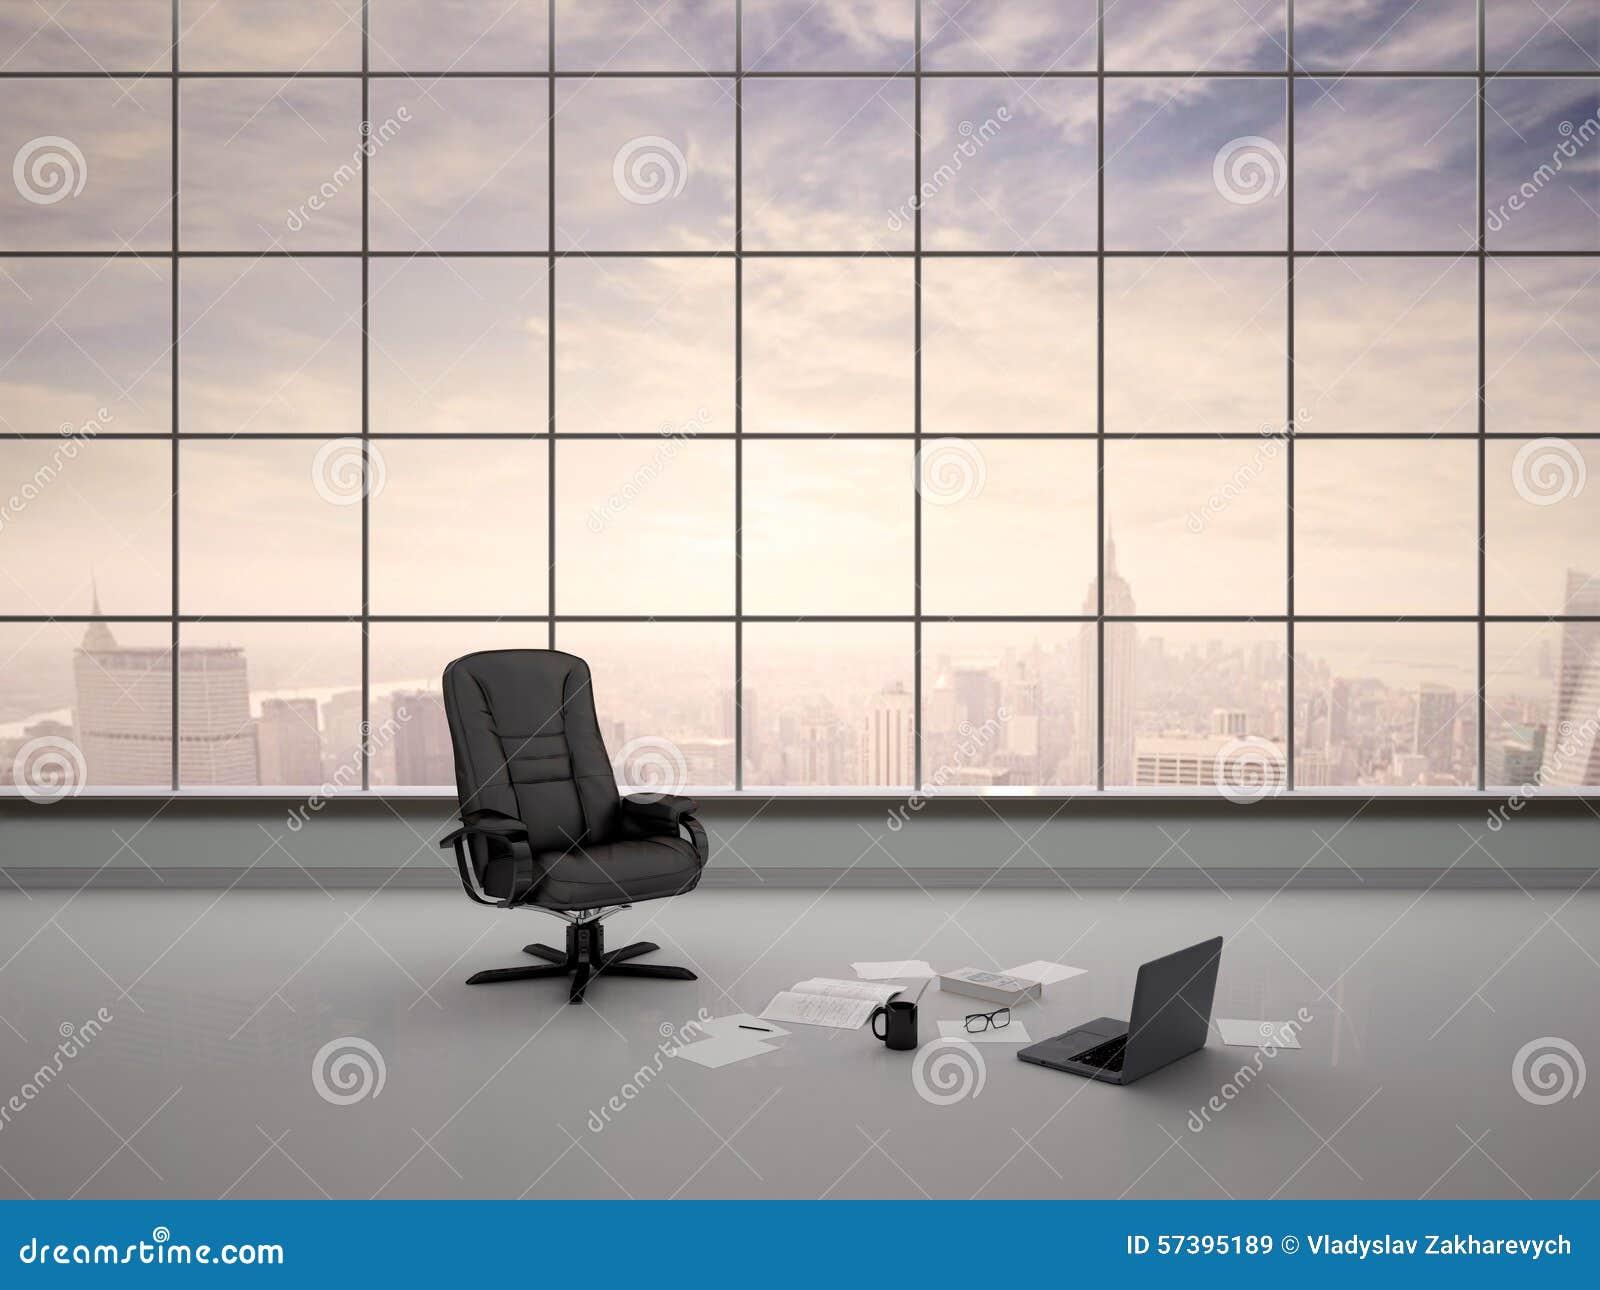 Illustratie van bureaustoel in een leeg bureau